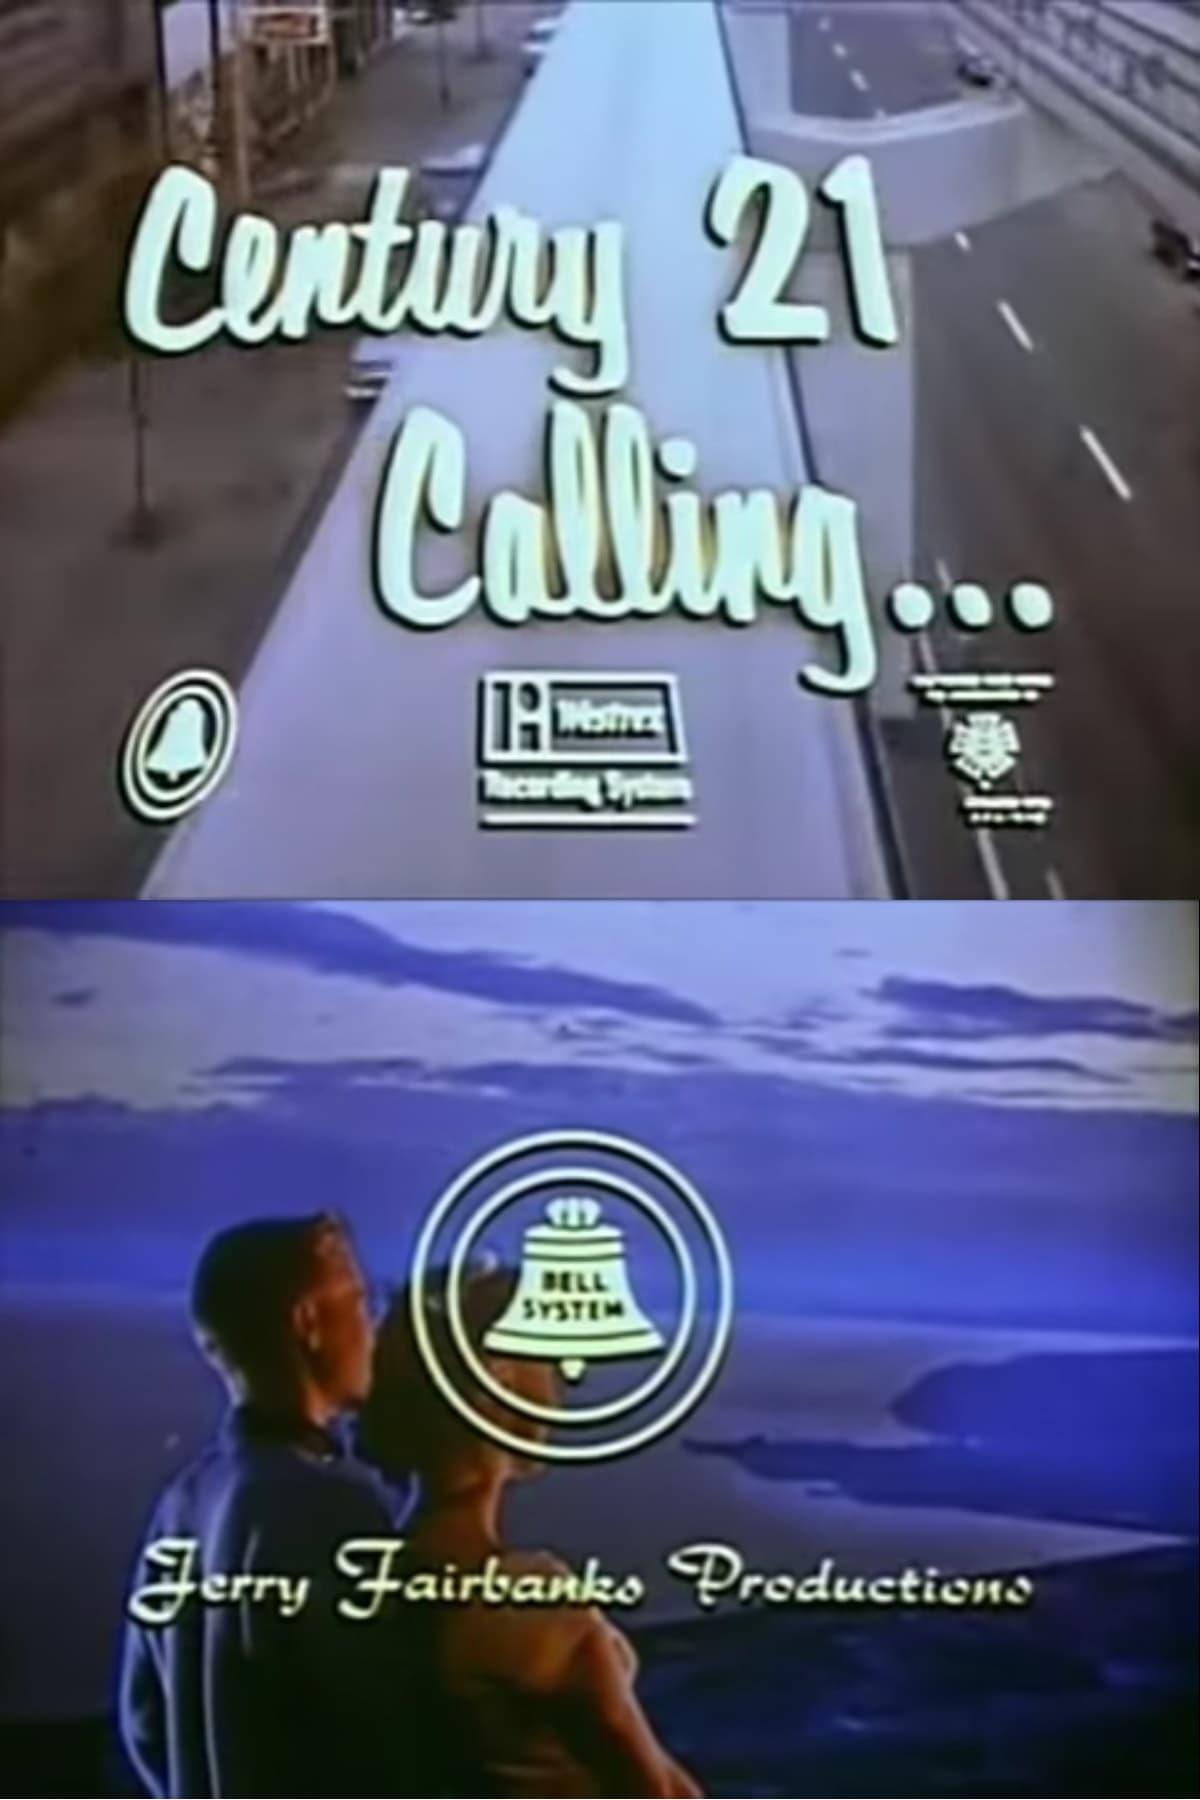 Century 21 Calling…